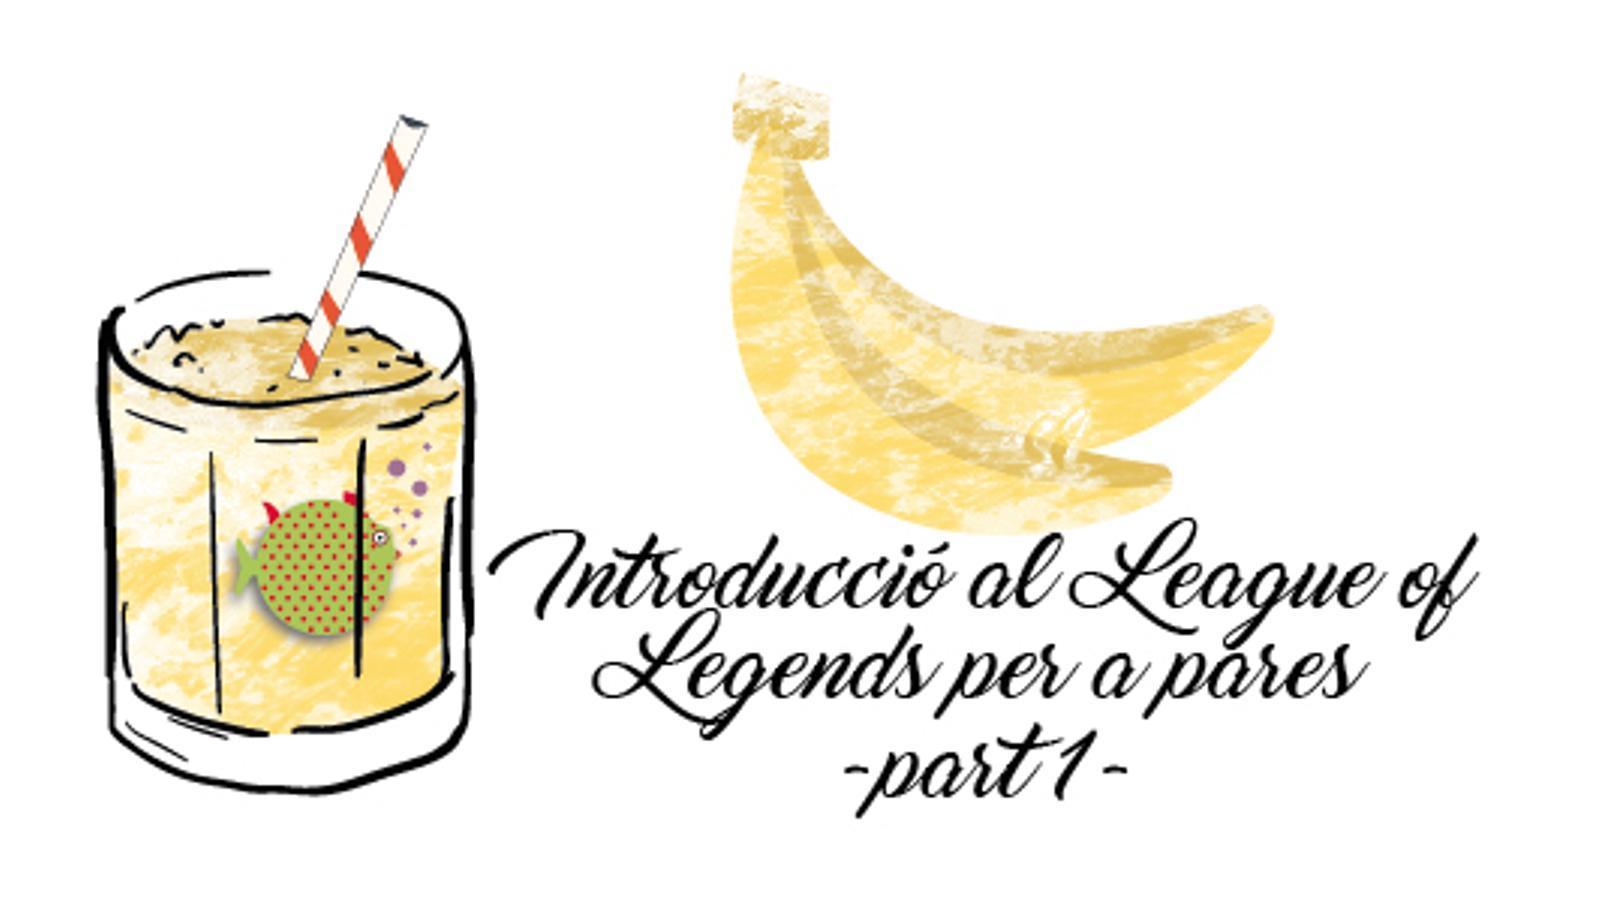 Introducció al League of Legends per a pares (part1)